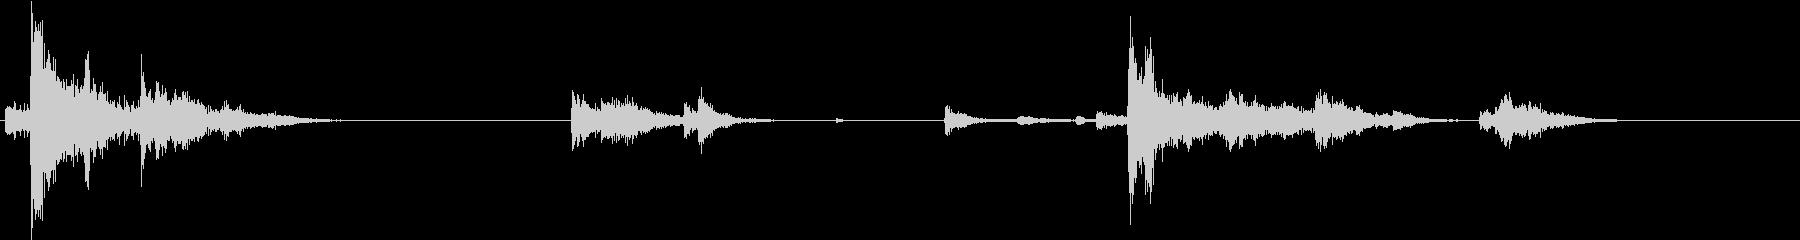 【生録音】装備品の音 金属 武器 12の未再生の波形